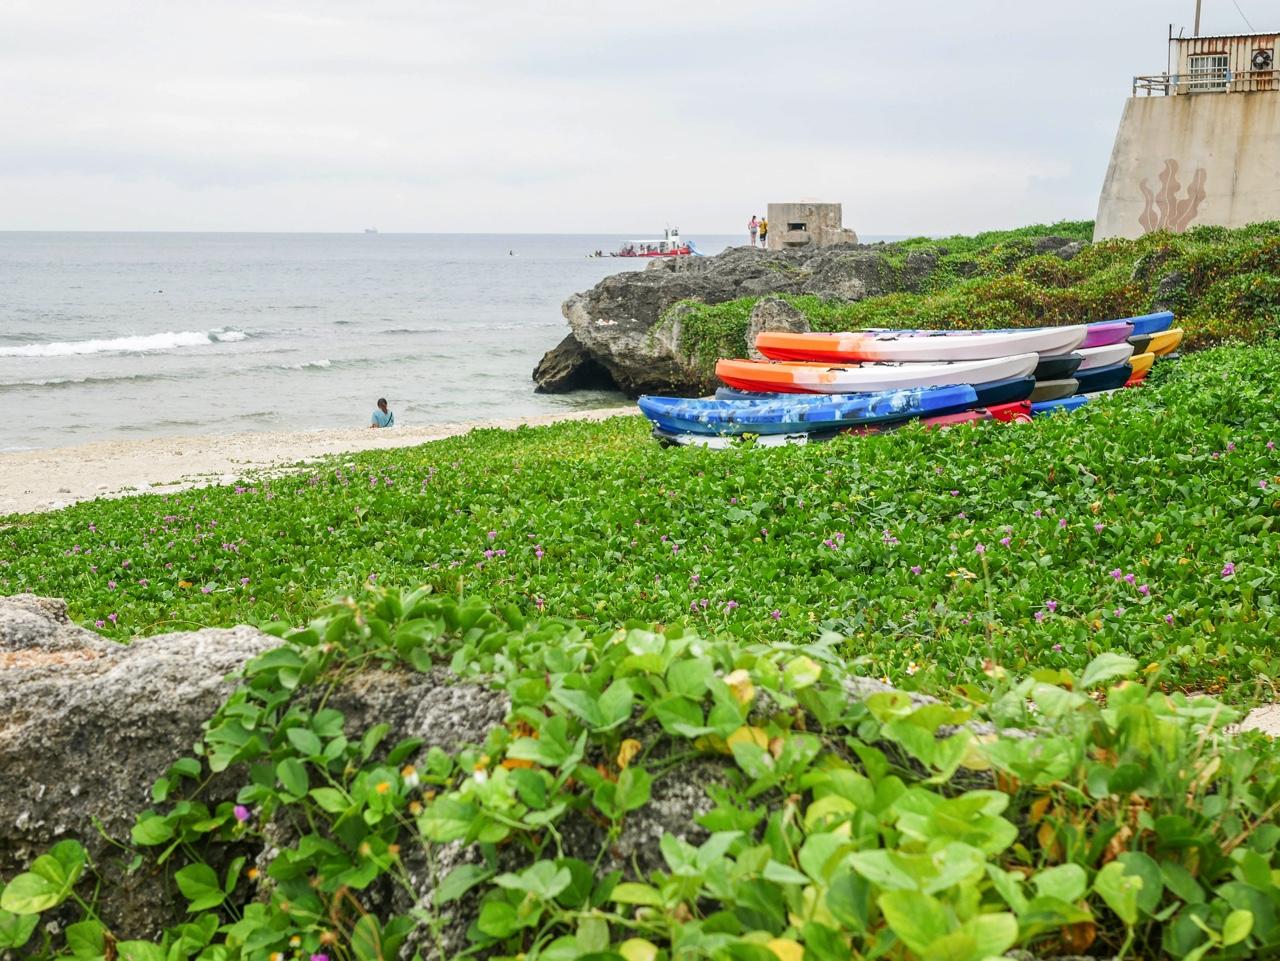 潮間帶生態區